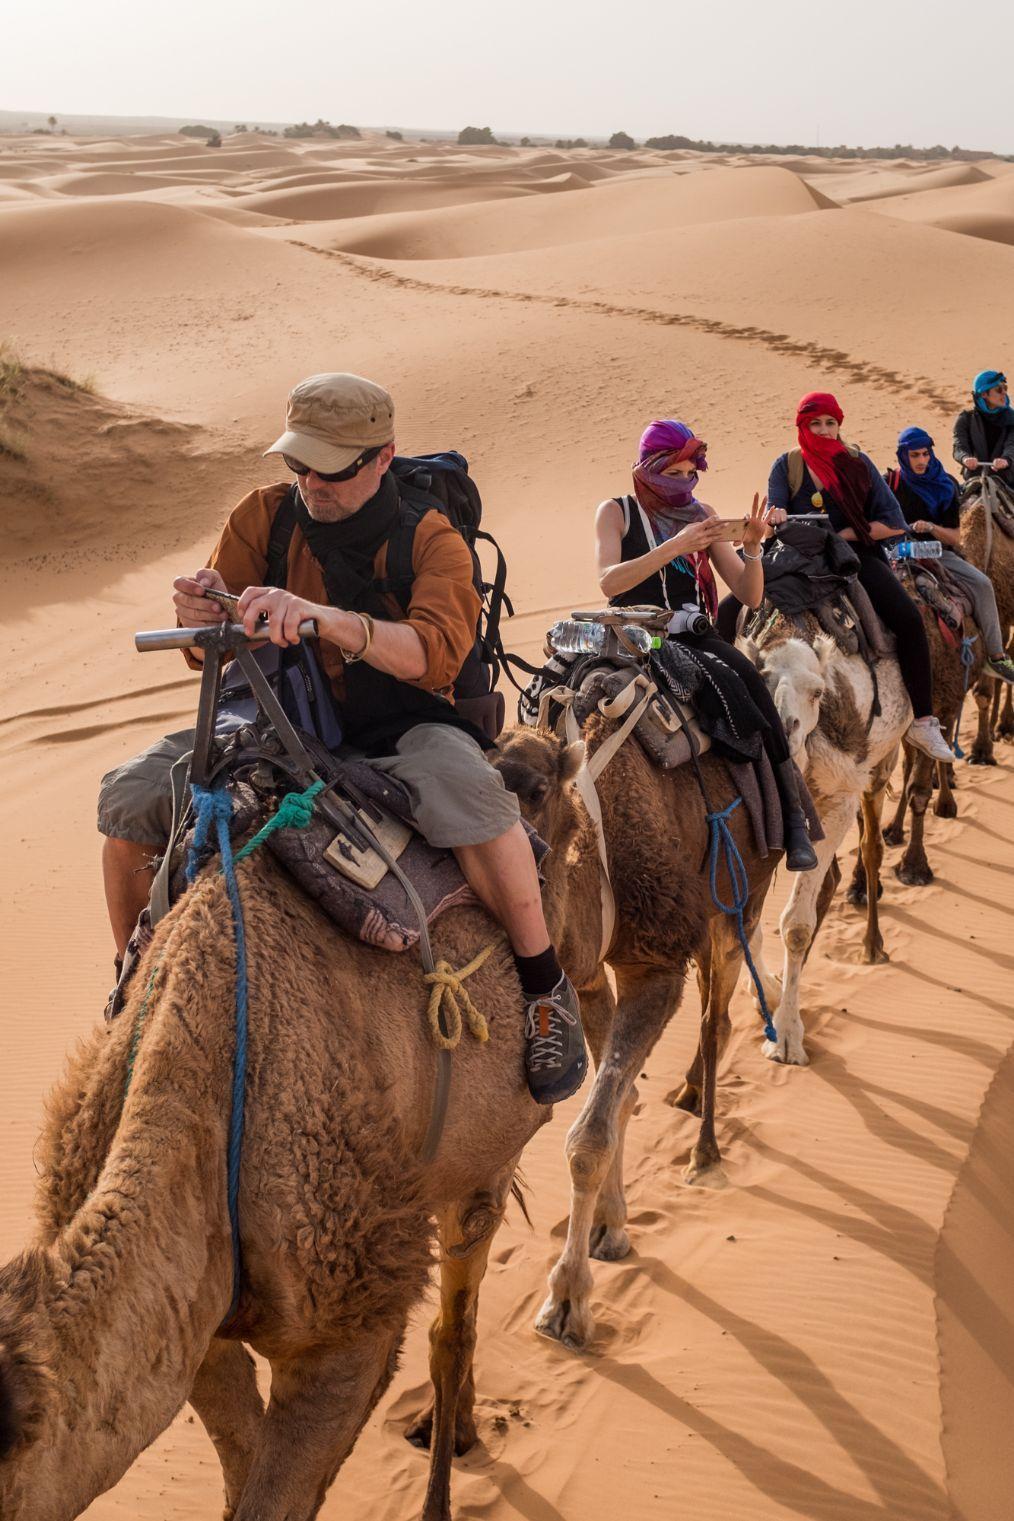 世界上最大沙漠撒哈拉,接近整个中国的面积,一生一定要去看一次